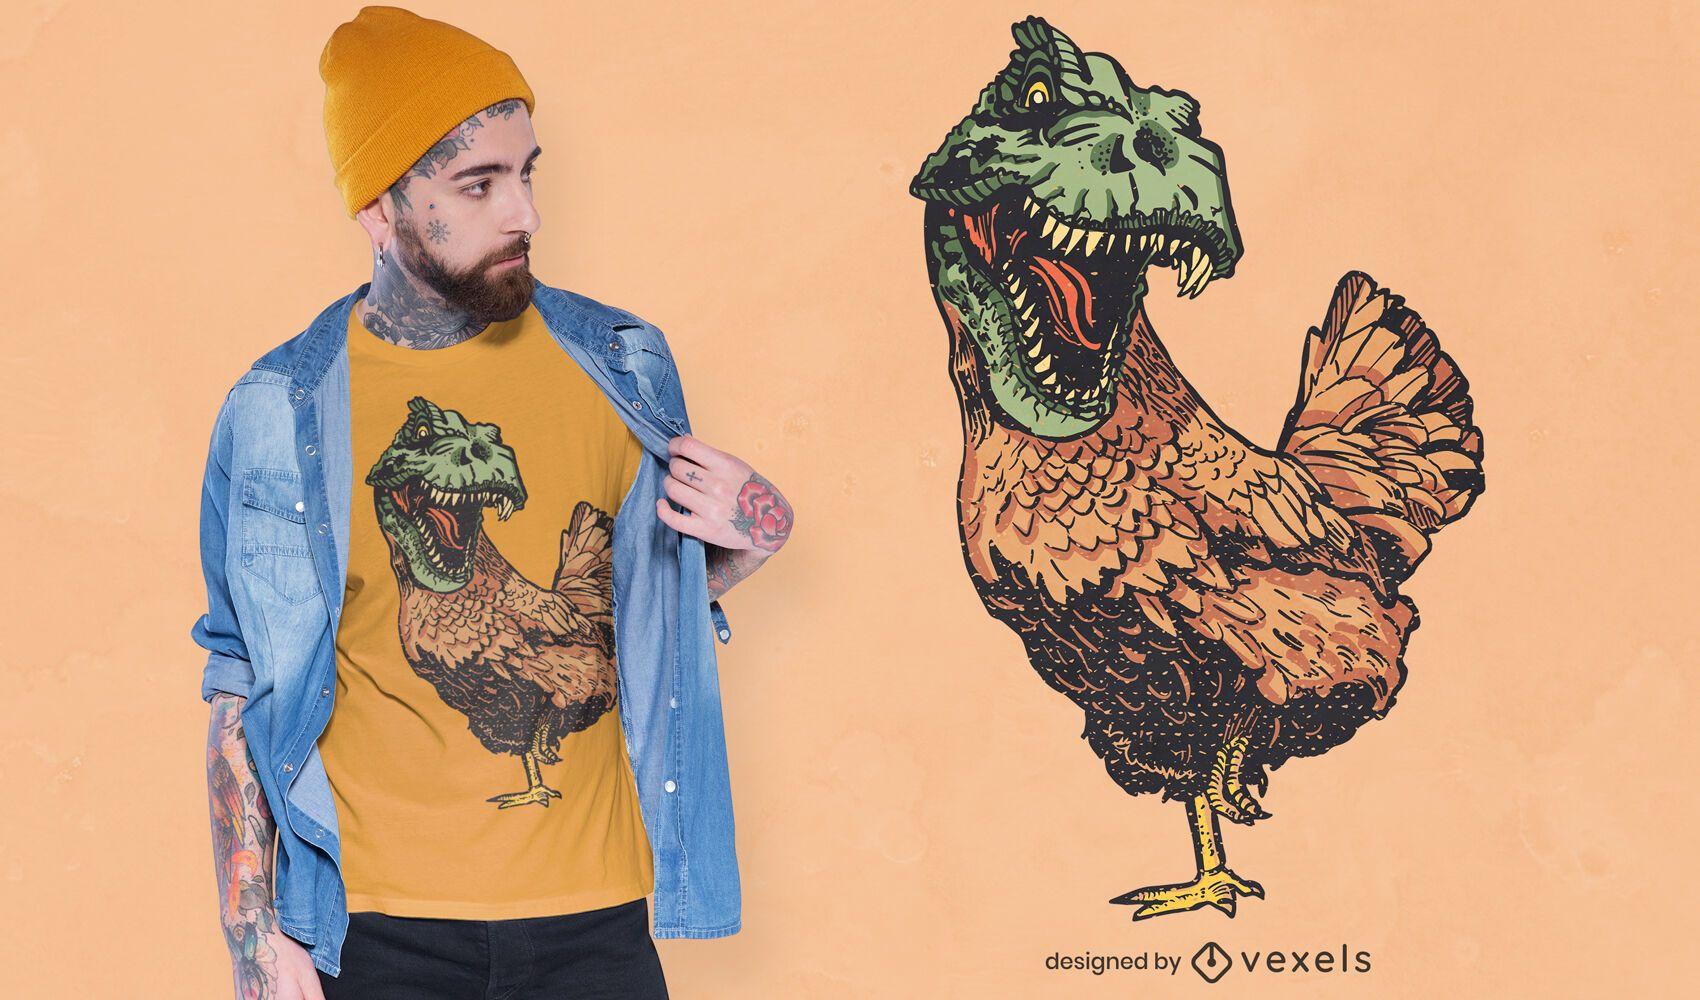 Dise?o de camiseta de pollo T Rex